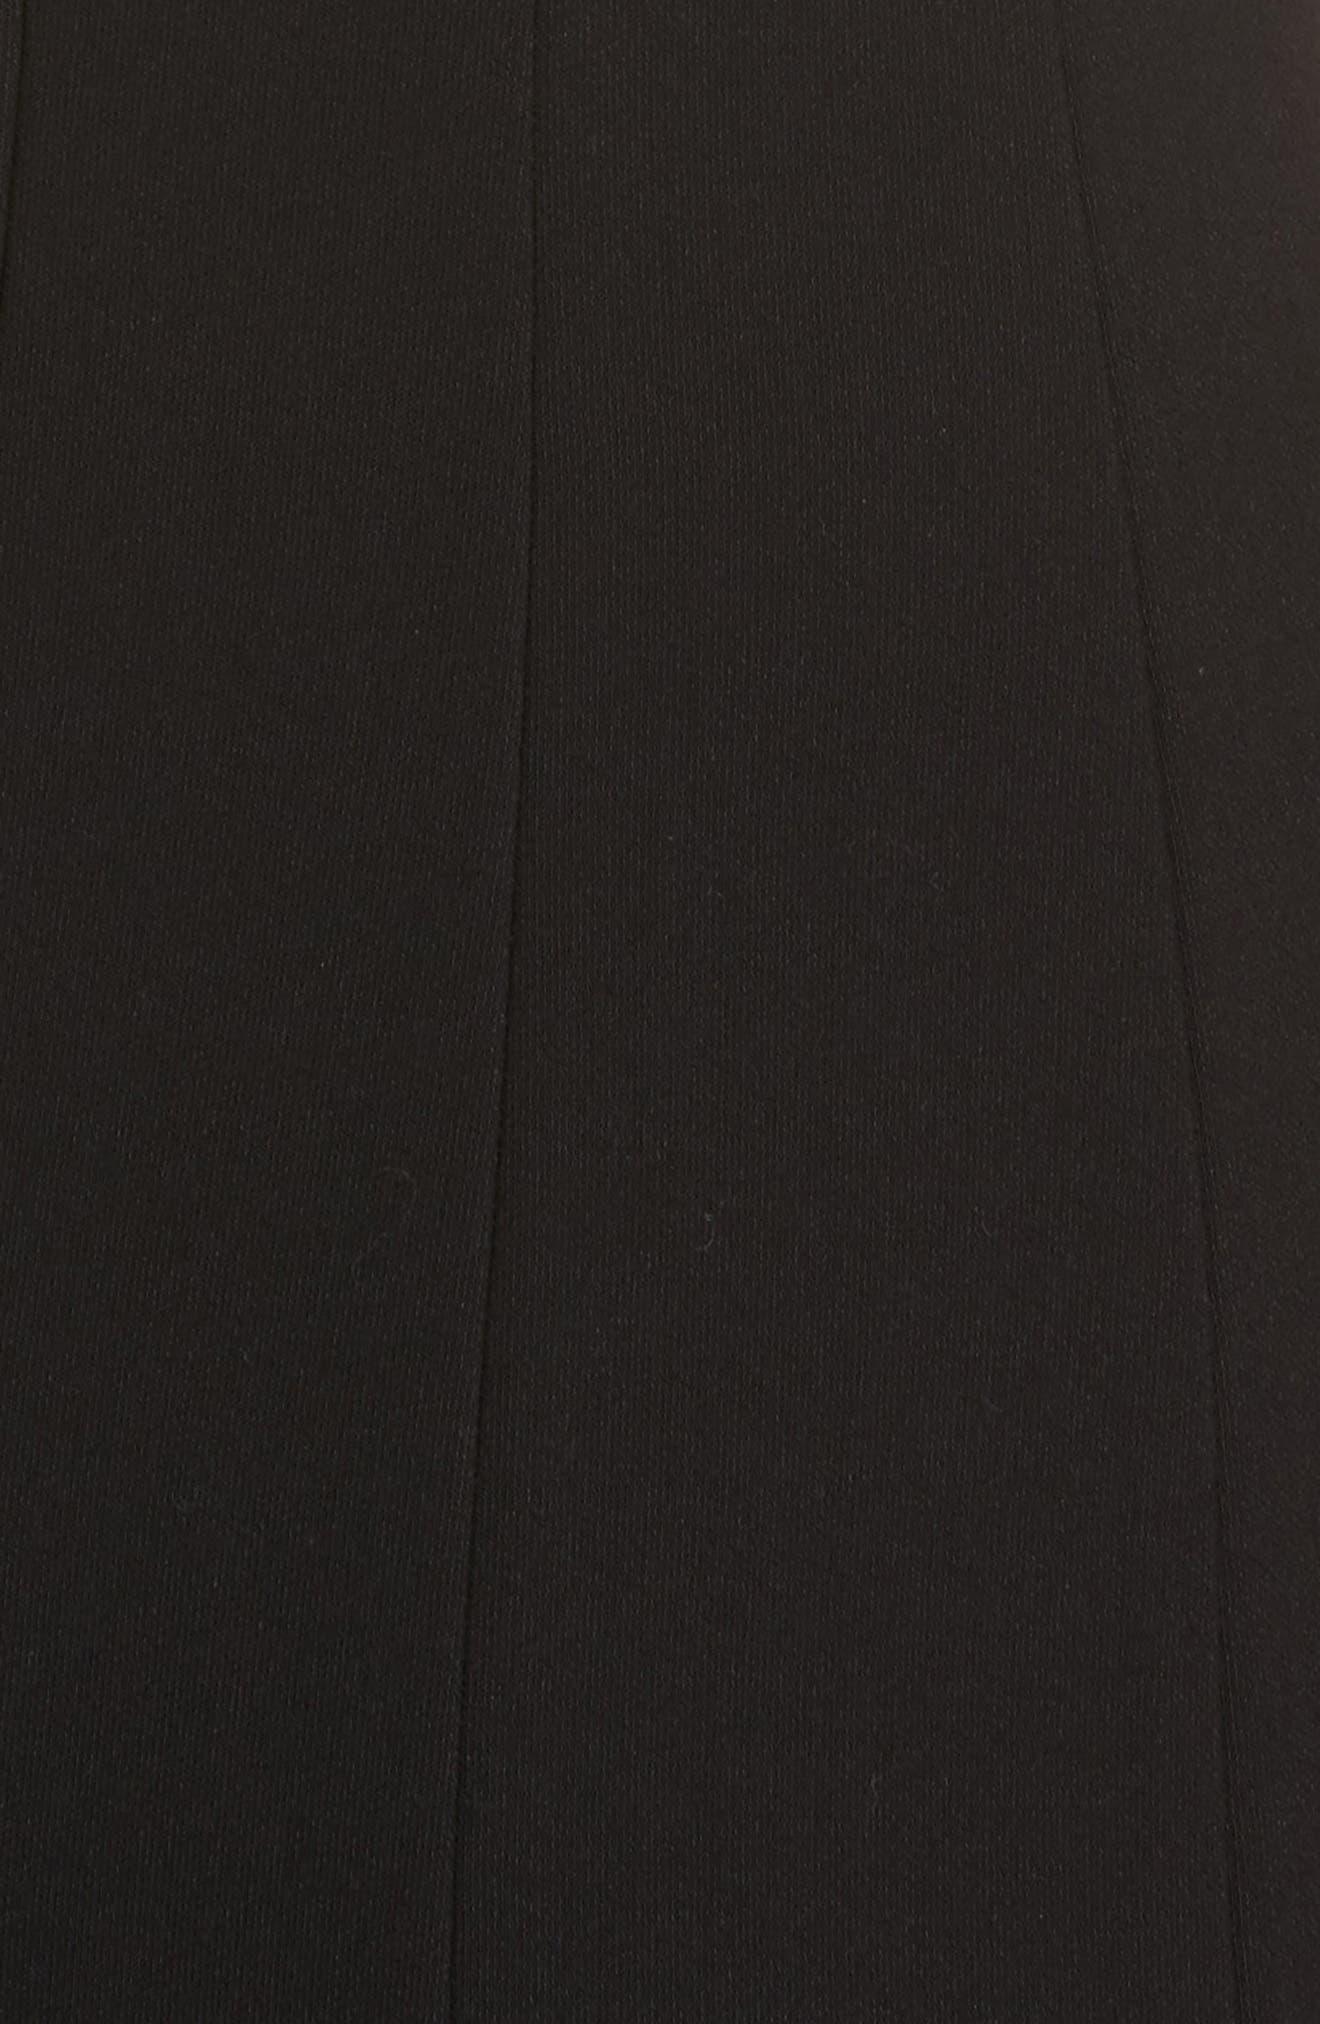 Rooney Flare Hem Dress,                             Alternate thumbnail 5, color,                             001